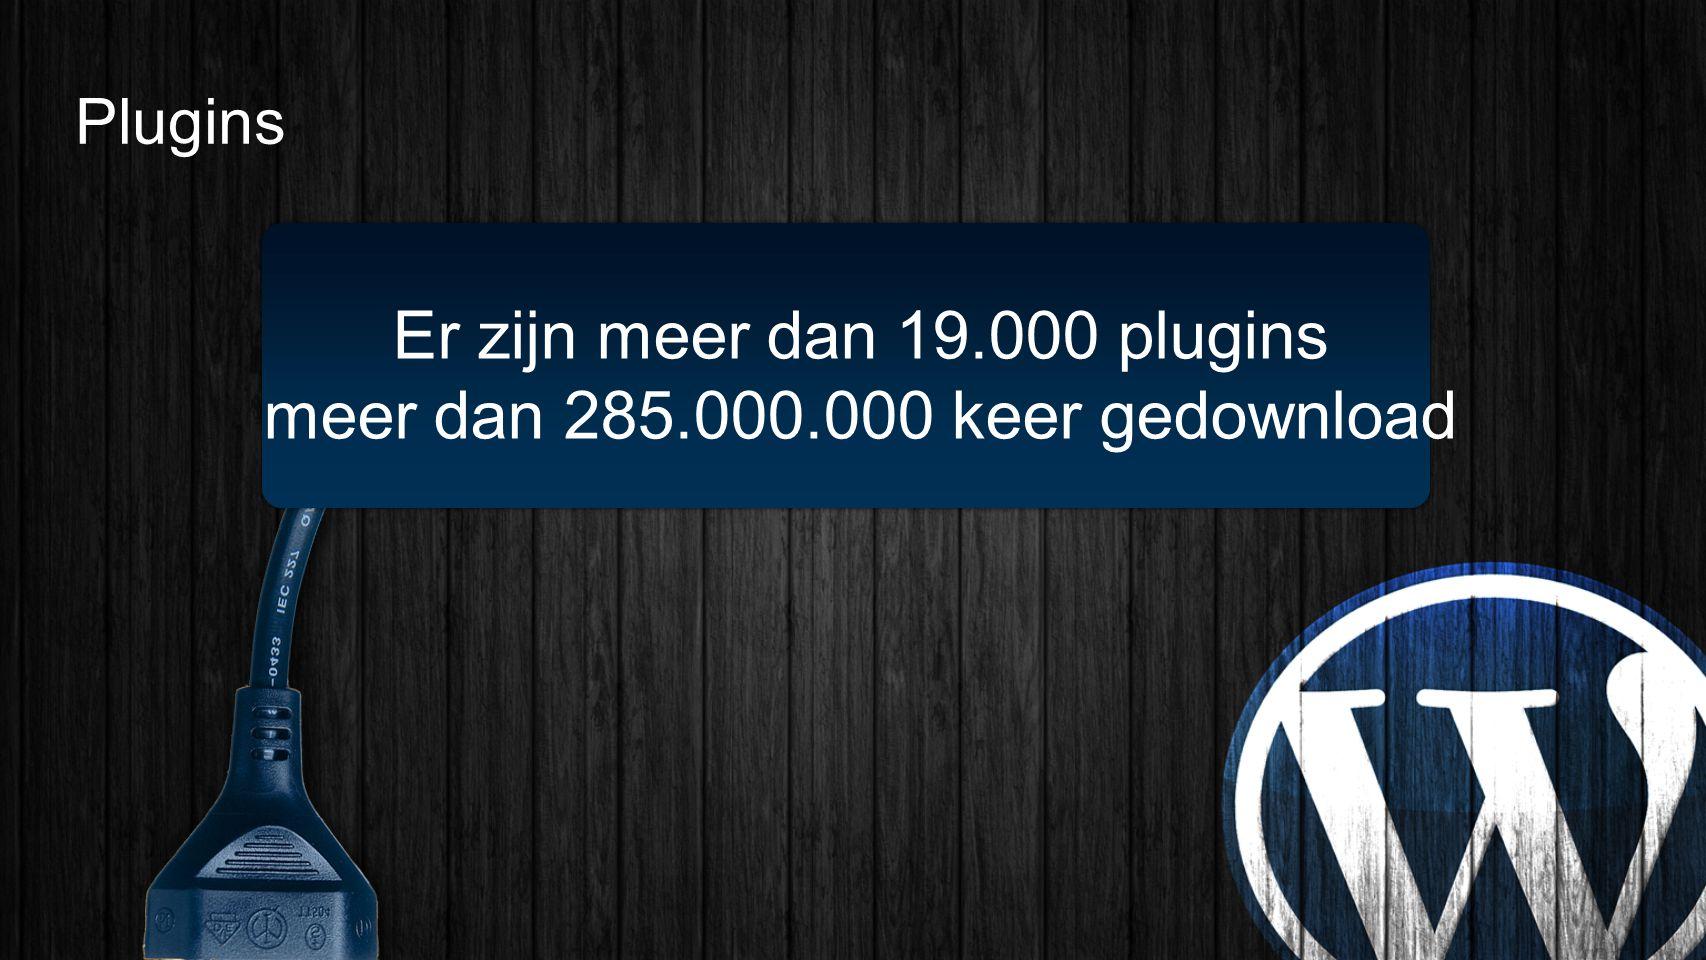 Plugins Er zijn meer dan 19.000 plugins meer dan 285.000.000 keer gedownload